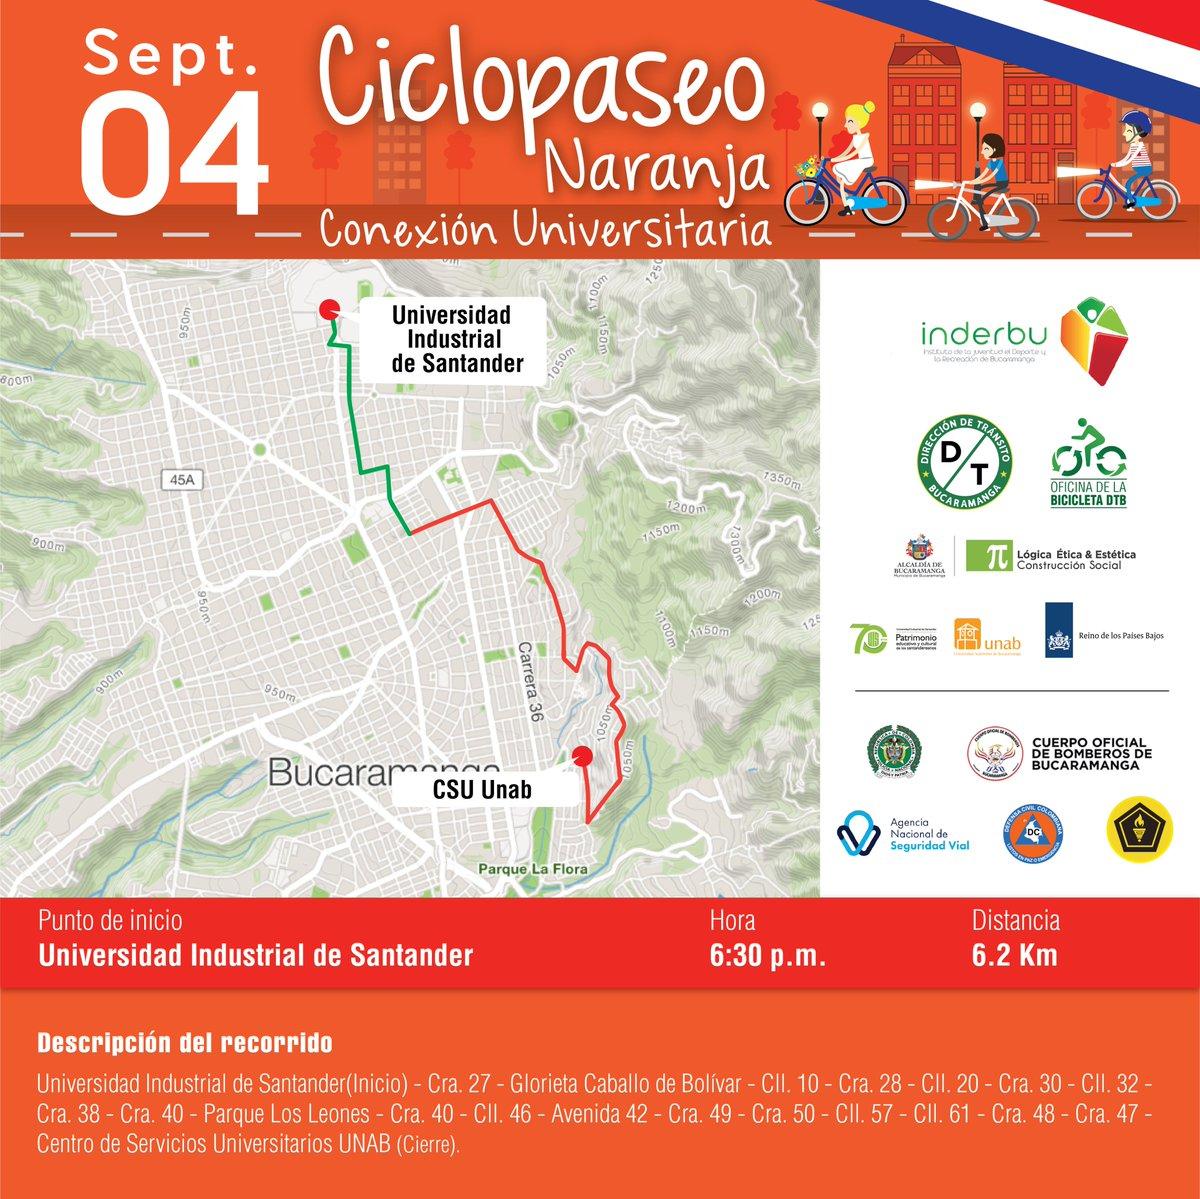 Participe del Ciclopaseo Naranja - UNAB